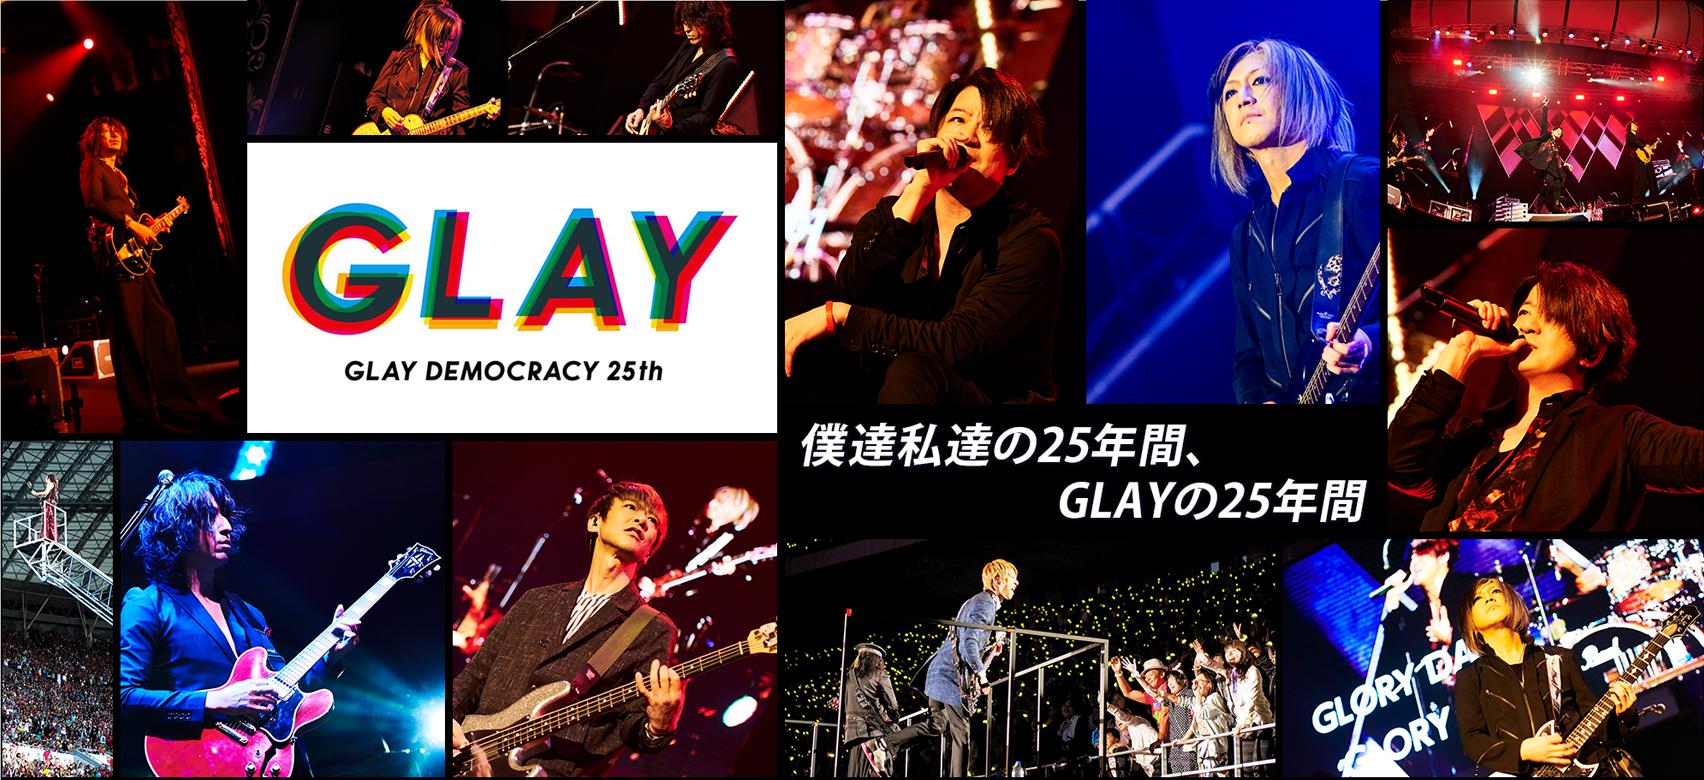 GLAY25周年特集 僕達私達の25年間、GLAYの25年間